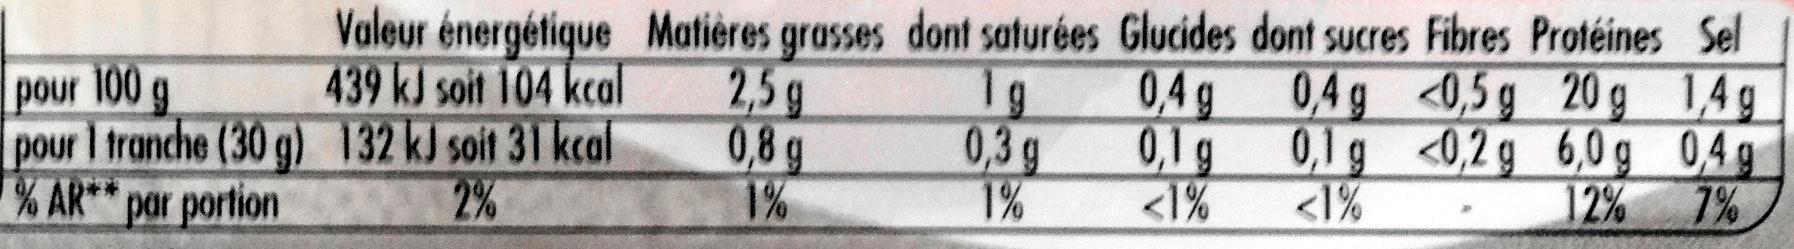 Le Bon Paris, - 25 % sel - Informations nutritionnelles